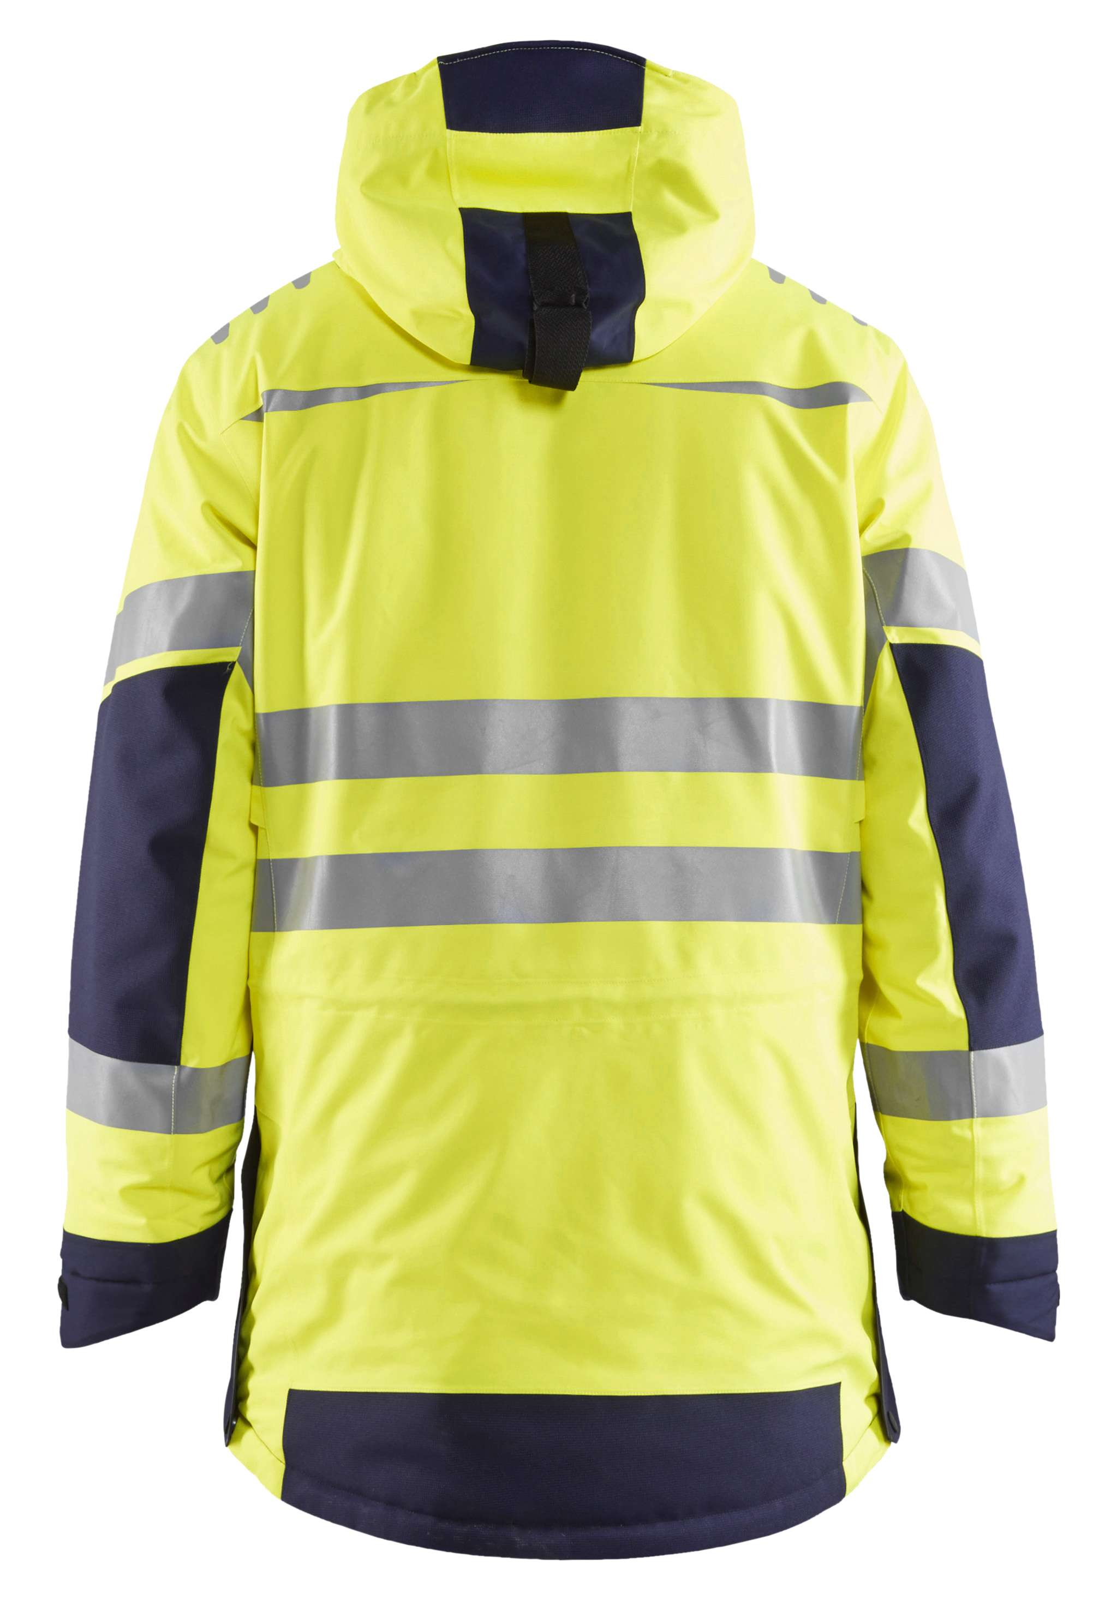 Blaklader Jassen 44691921 High Vis fluo geel-marineblauw(3389)